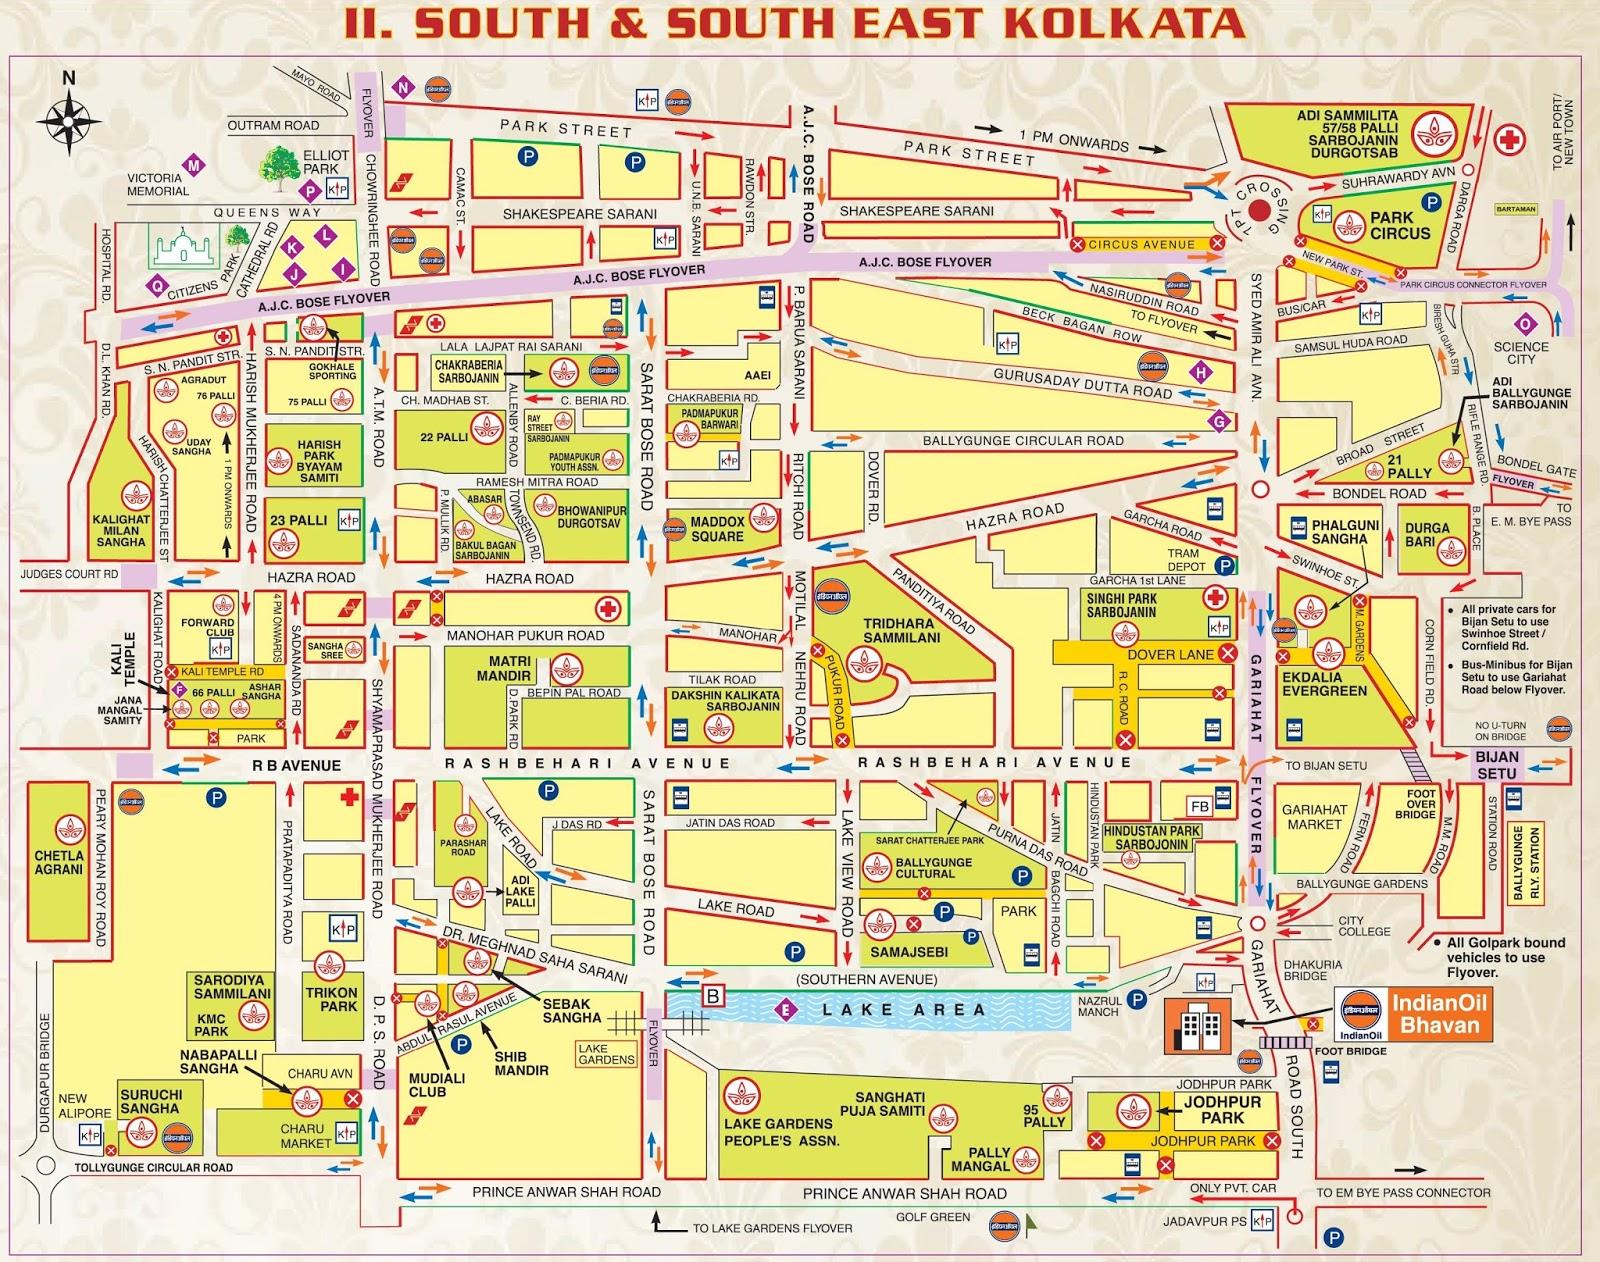 durga puja   maps  location  kolkata  top pandals of last  - south  south east kolkata download photo